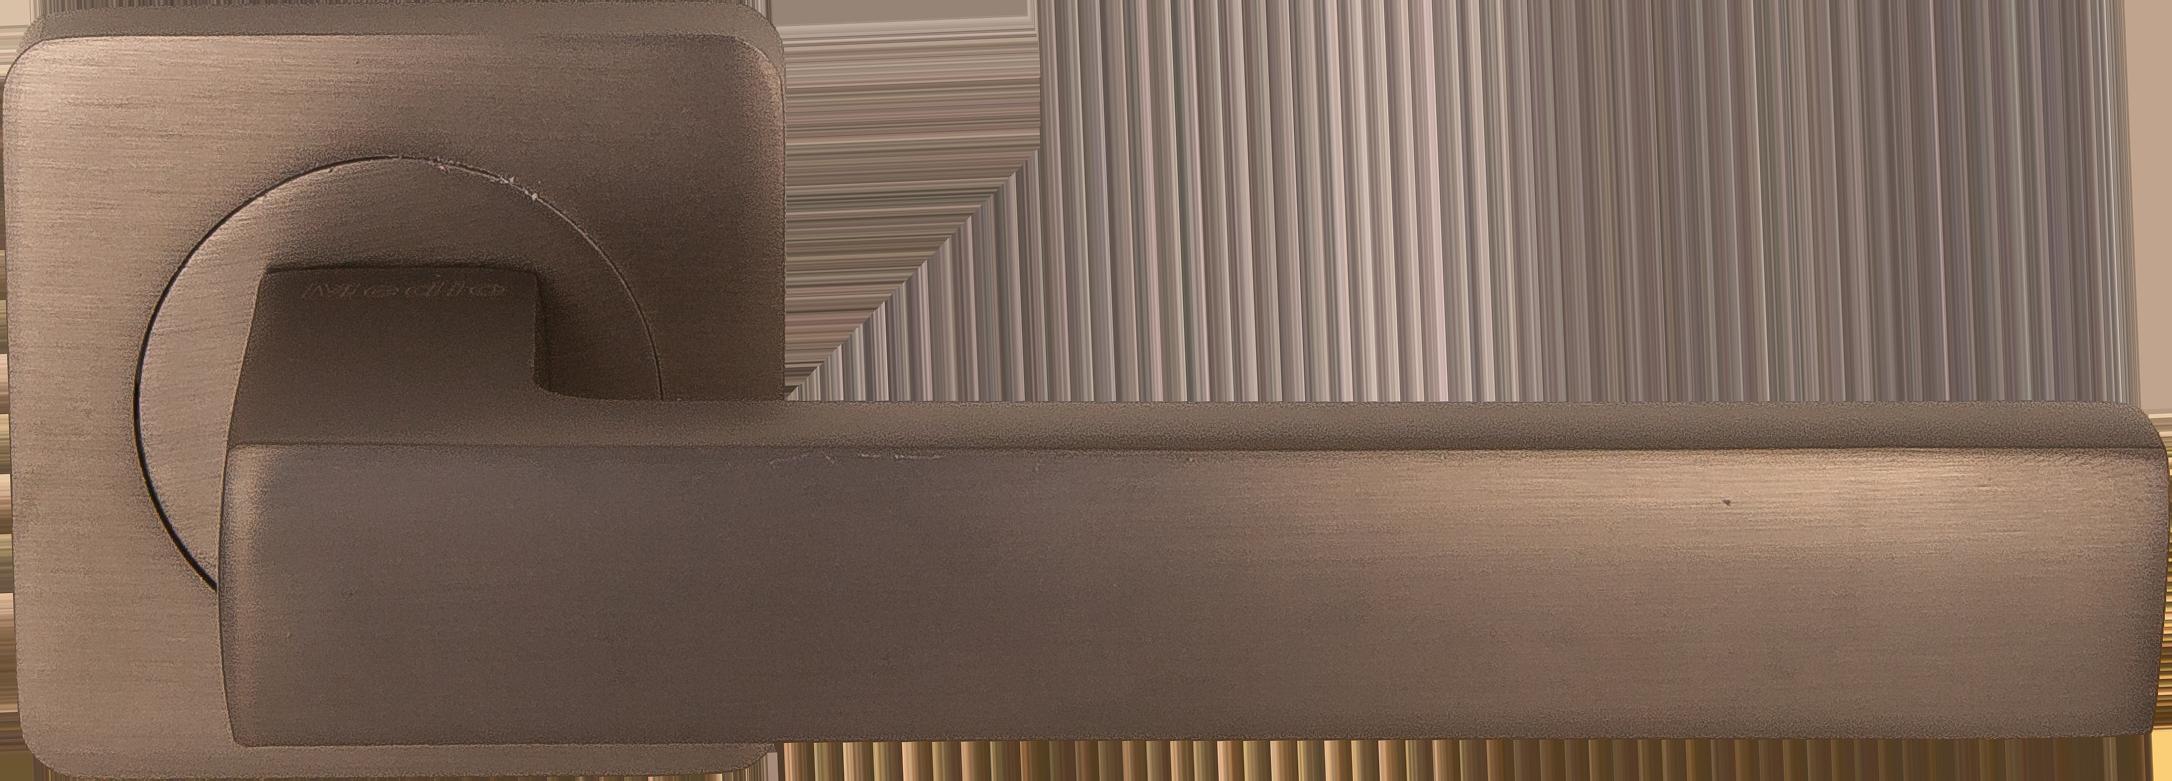 Ручка Медио ML6093-75 MBN графит (20 шт)